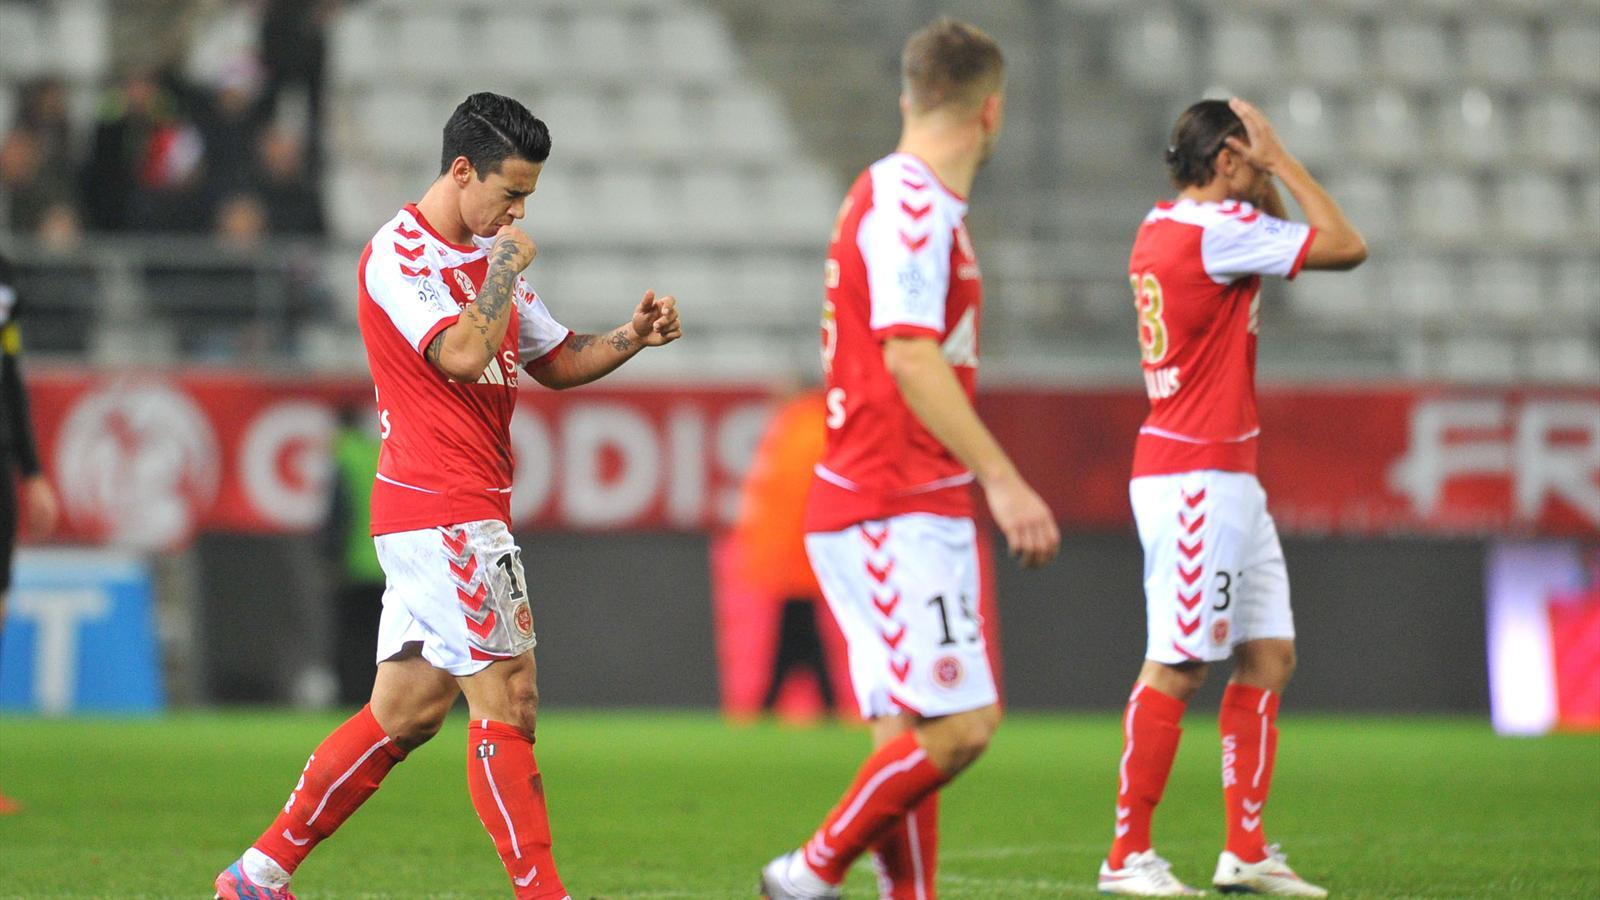 Coupe de france video pas de grand chelem pour la ligue 1 reims a coul chambly coupe - Coupe de france football calendrier ...